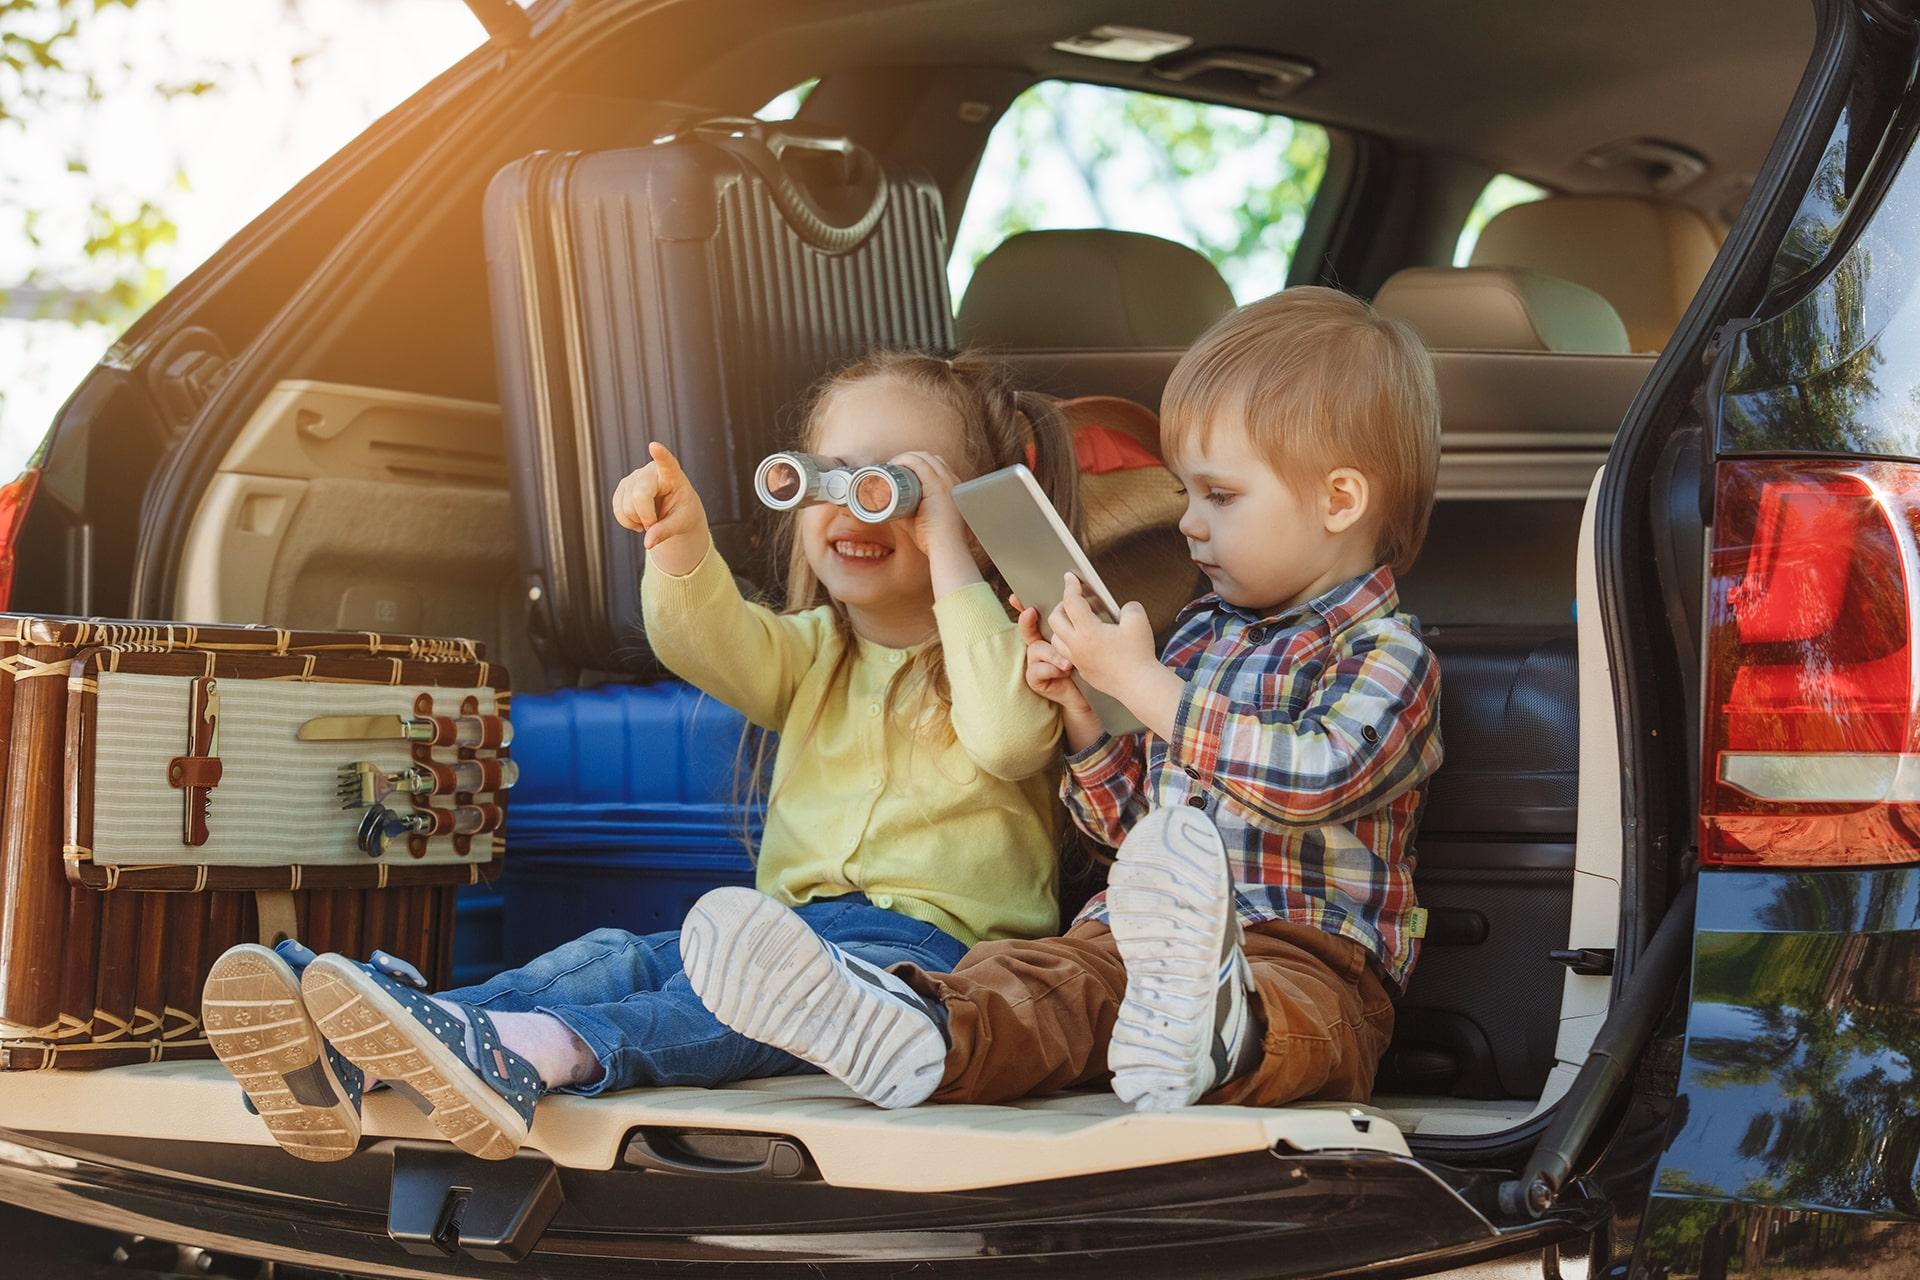 Comment occuper les enfants sur les longs trajets des vacances cet été ?